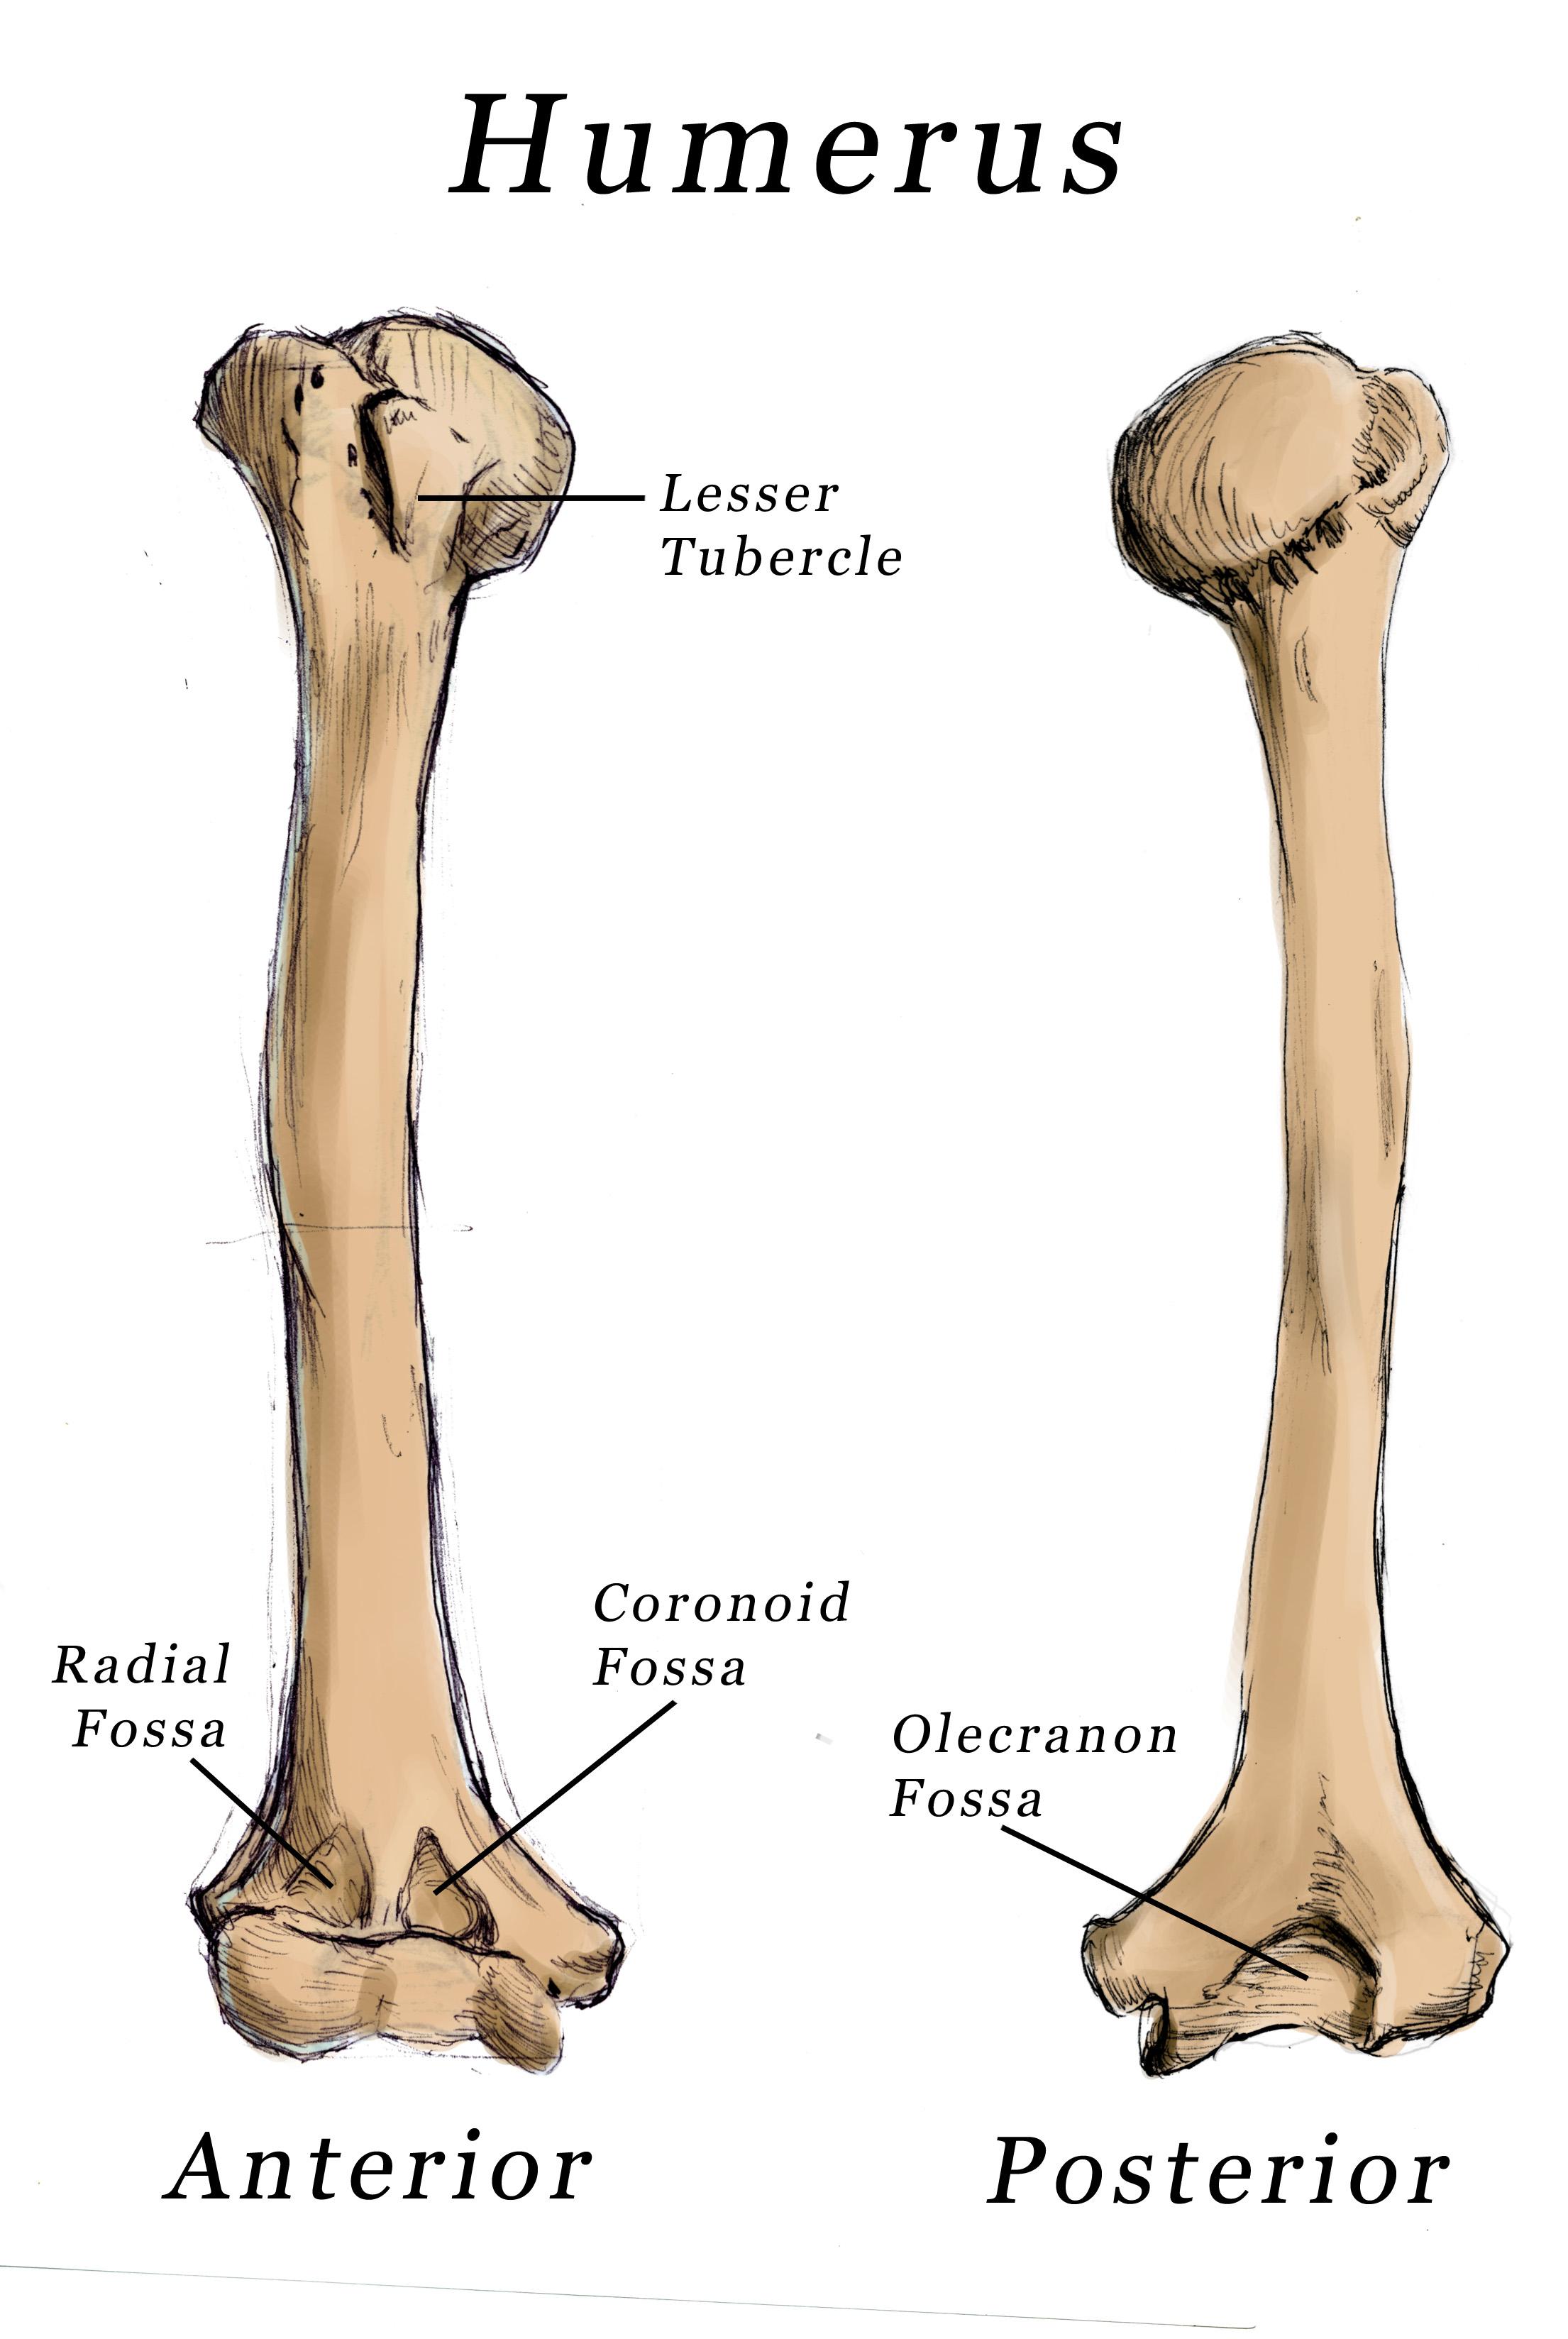 Coronoid Fossa Of Humerus